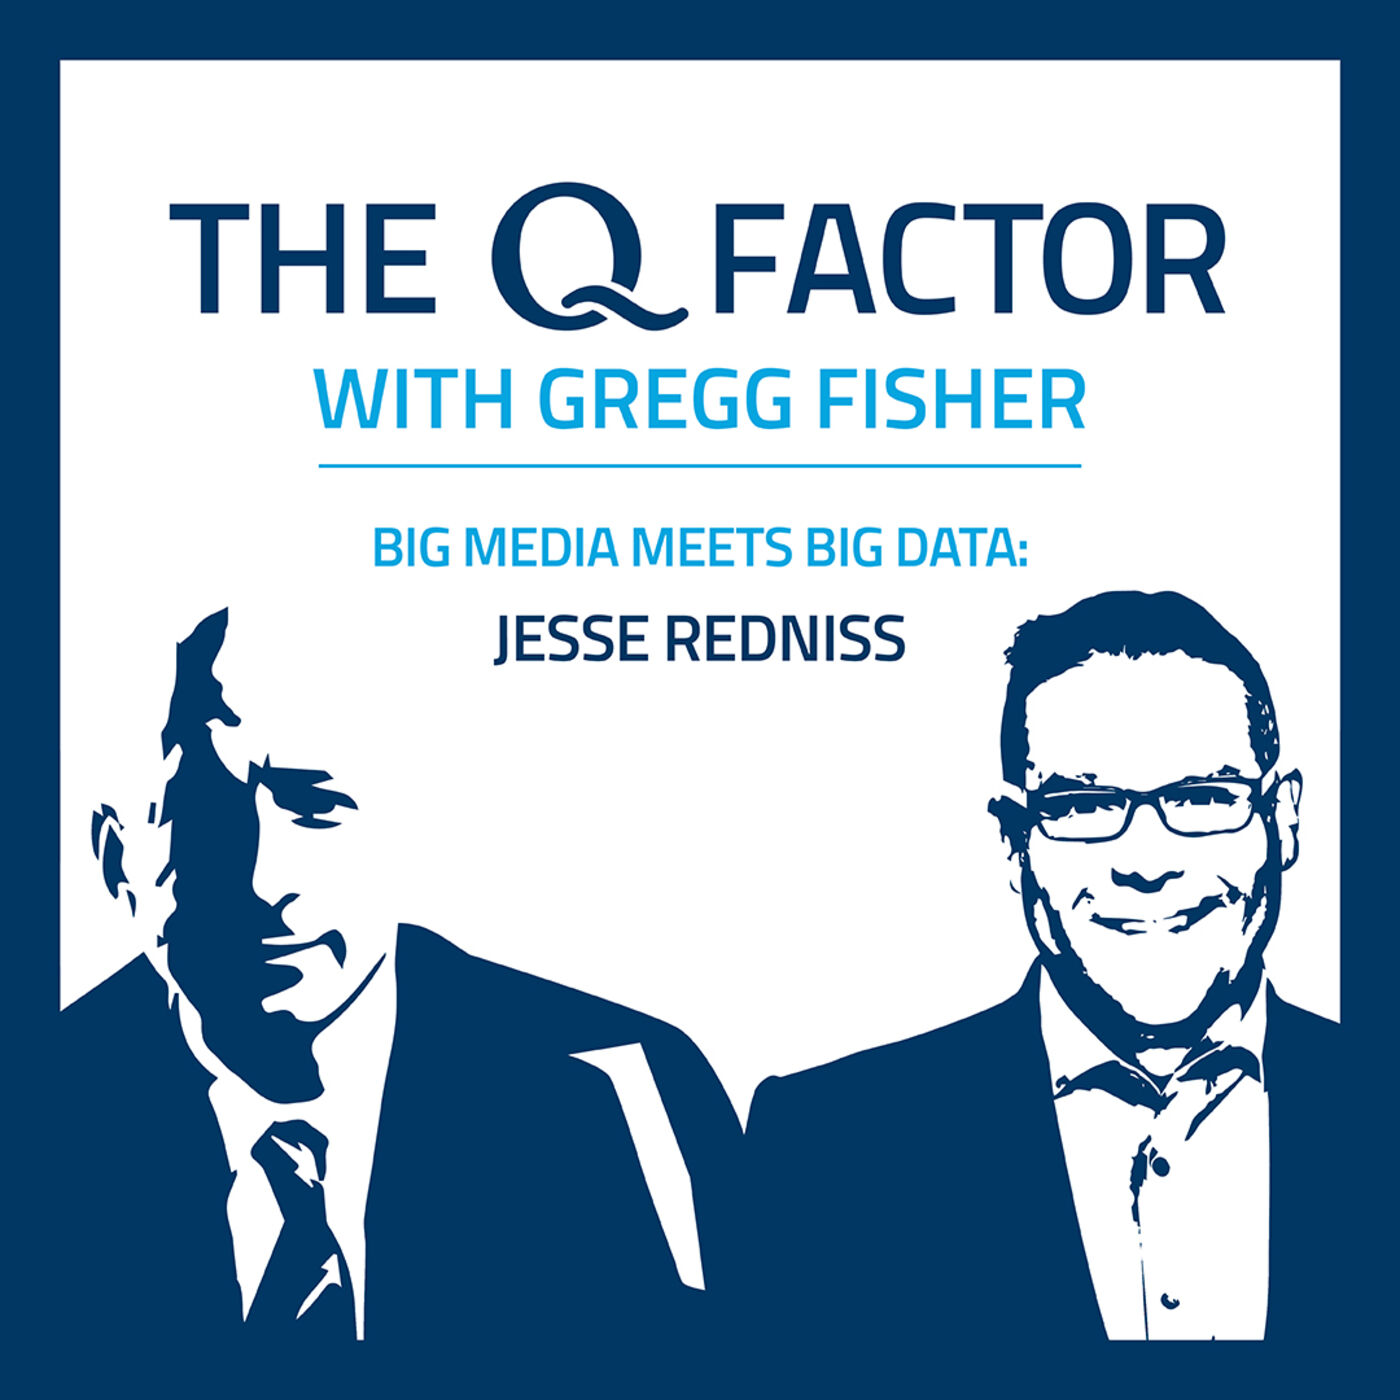 Jesse Redniss: Warner Media's Data Innovator